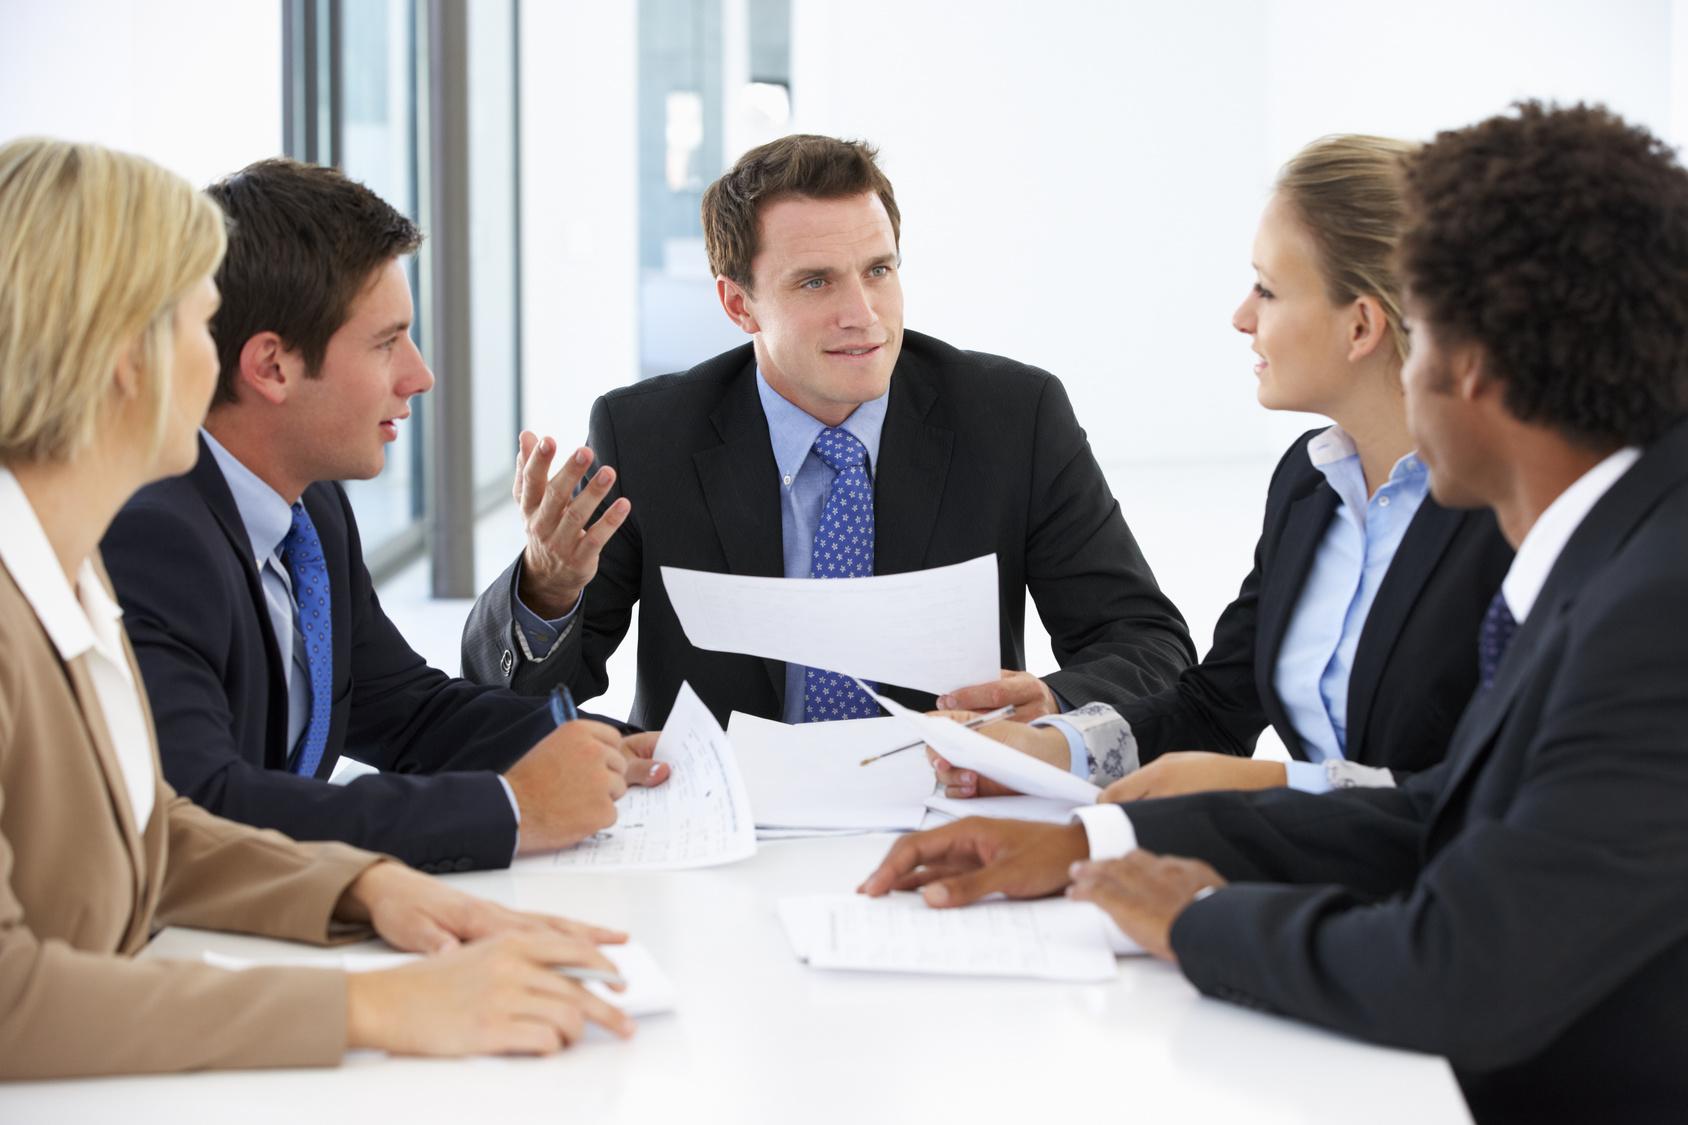 Teambesprechung in der betrieblichen Altersversorgung - Welche Aktualisierungen sind durch das Betriebsrentenstärkungsgesetz auch bei bestehenden Verträgen zu beachten?